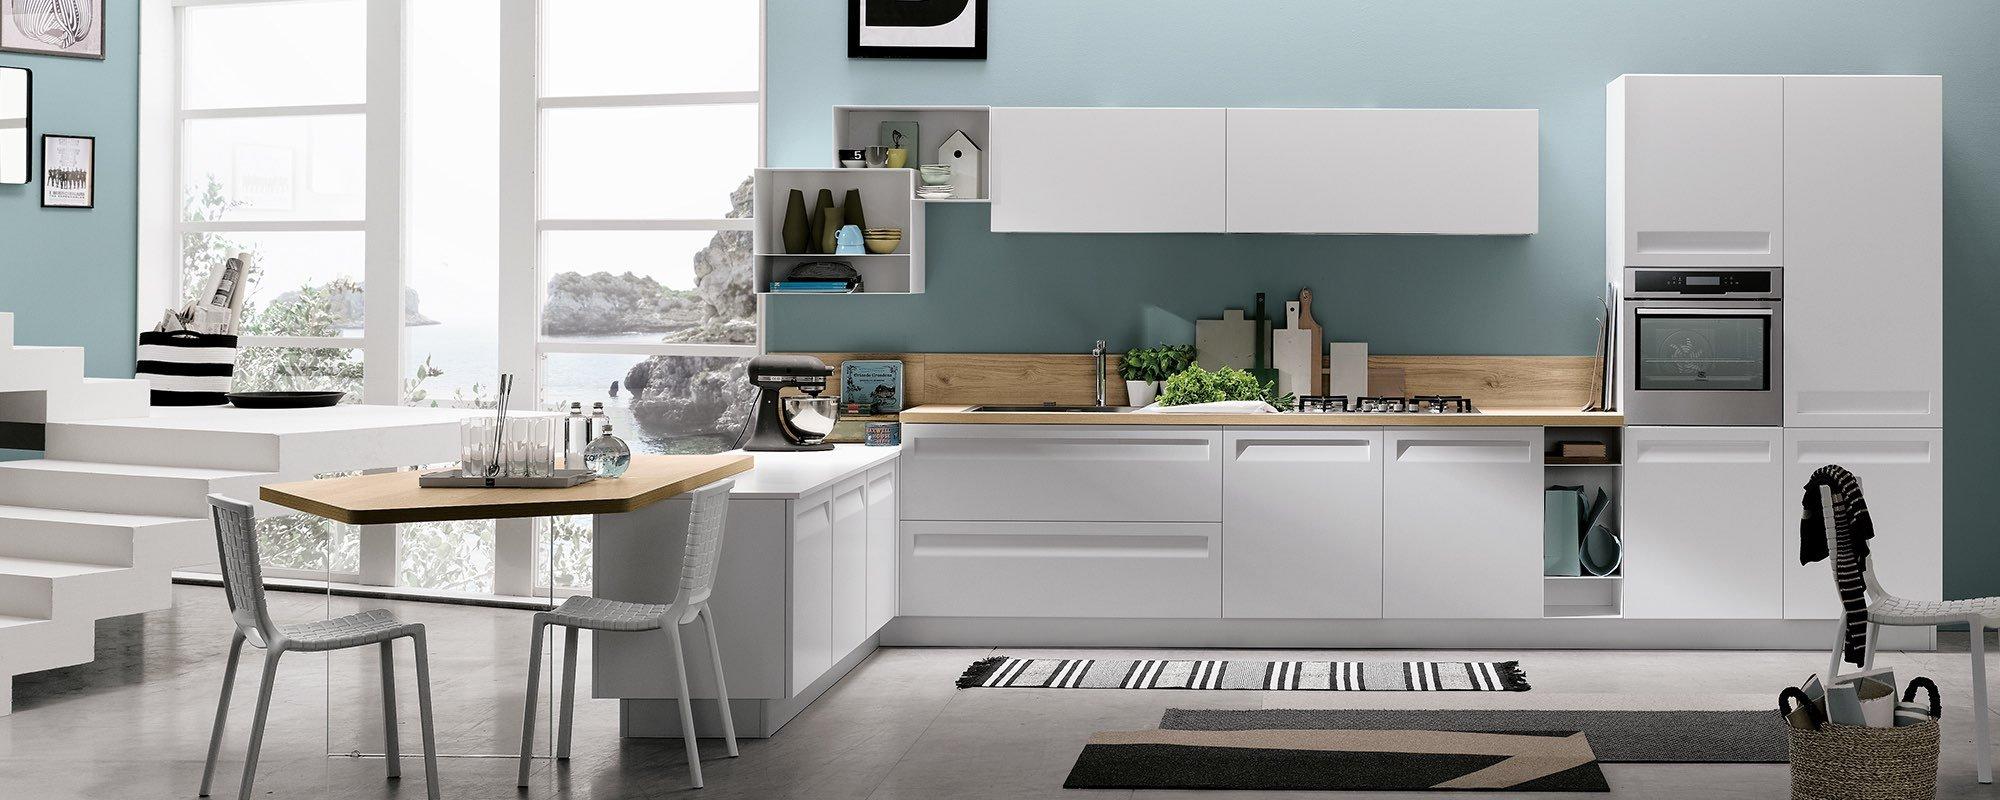 angolo cucina con scale che portano al primo piano